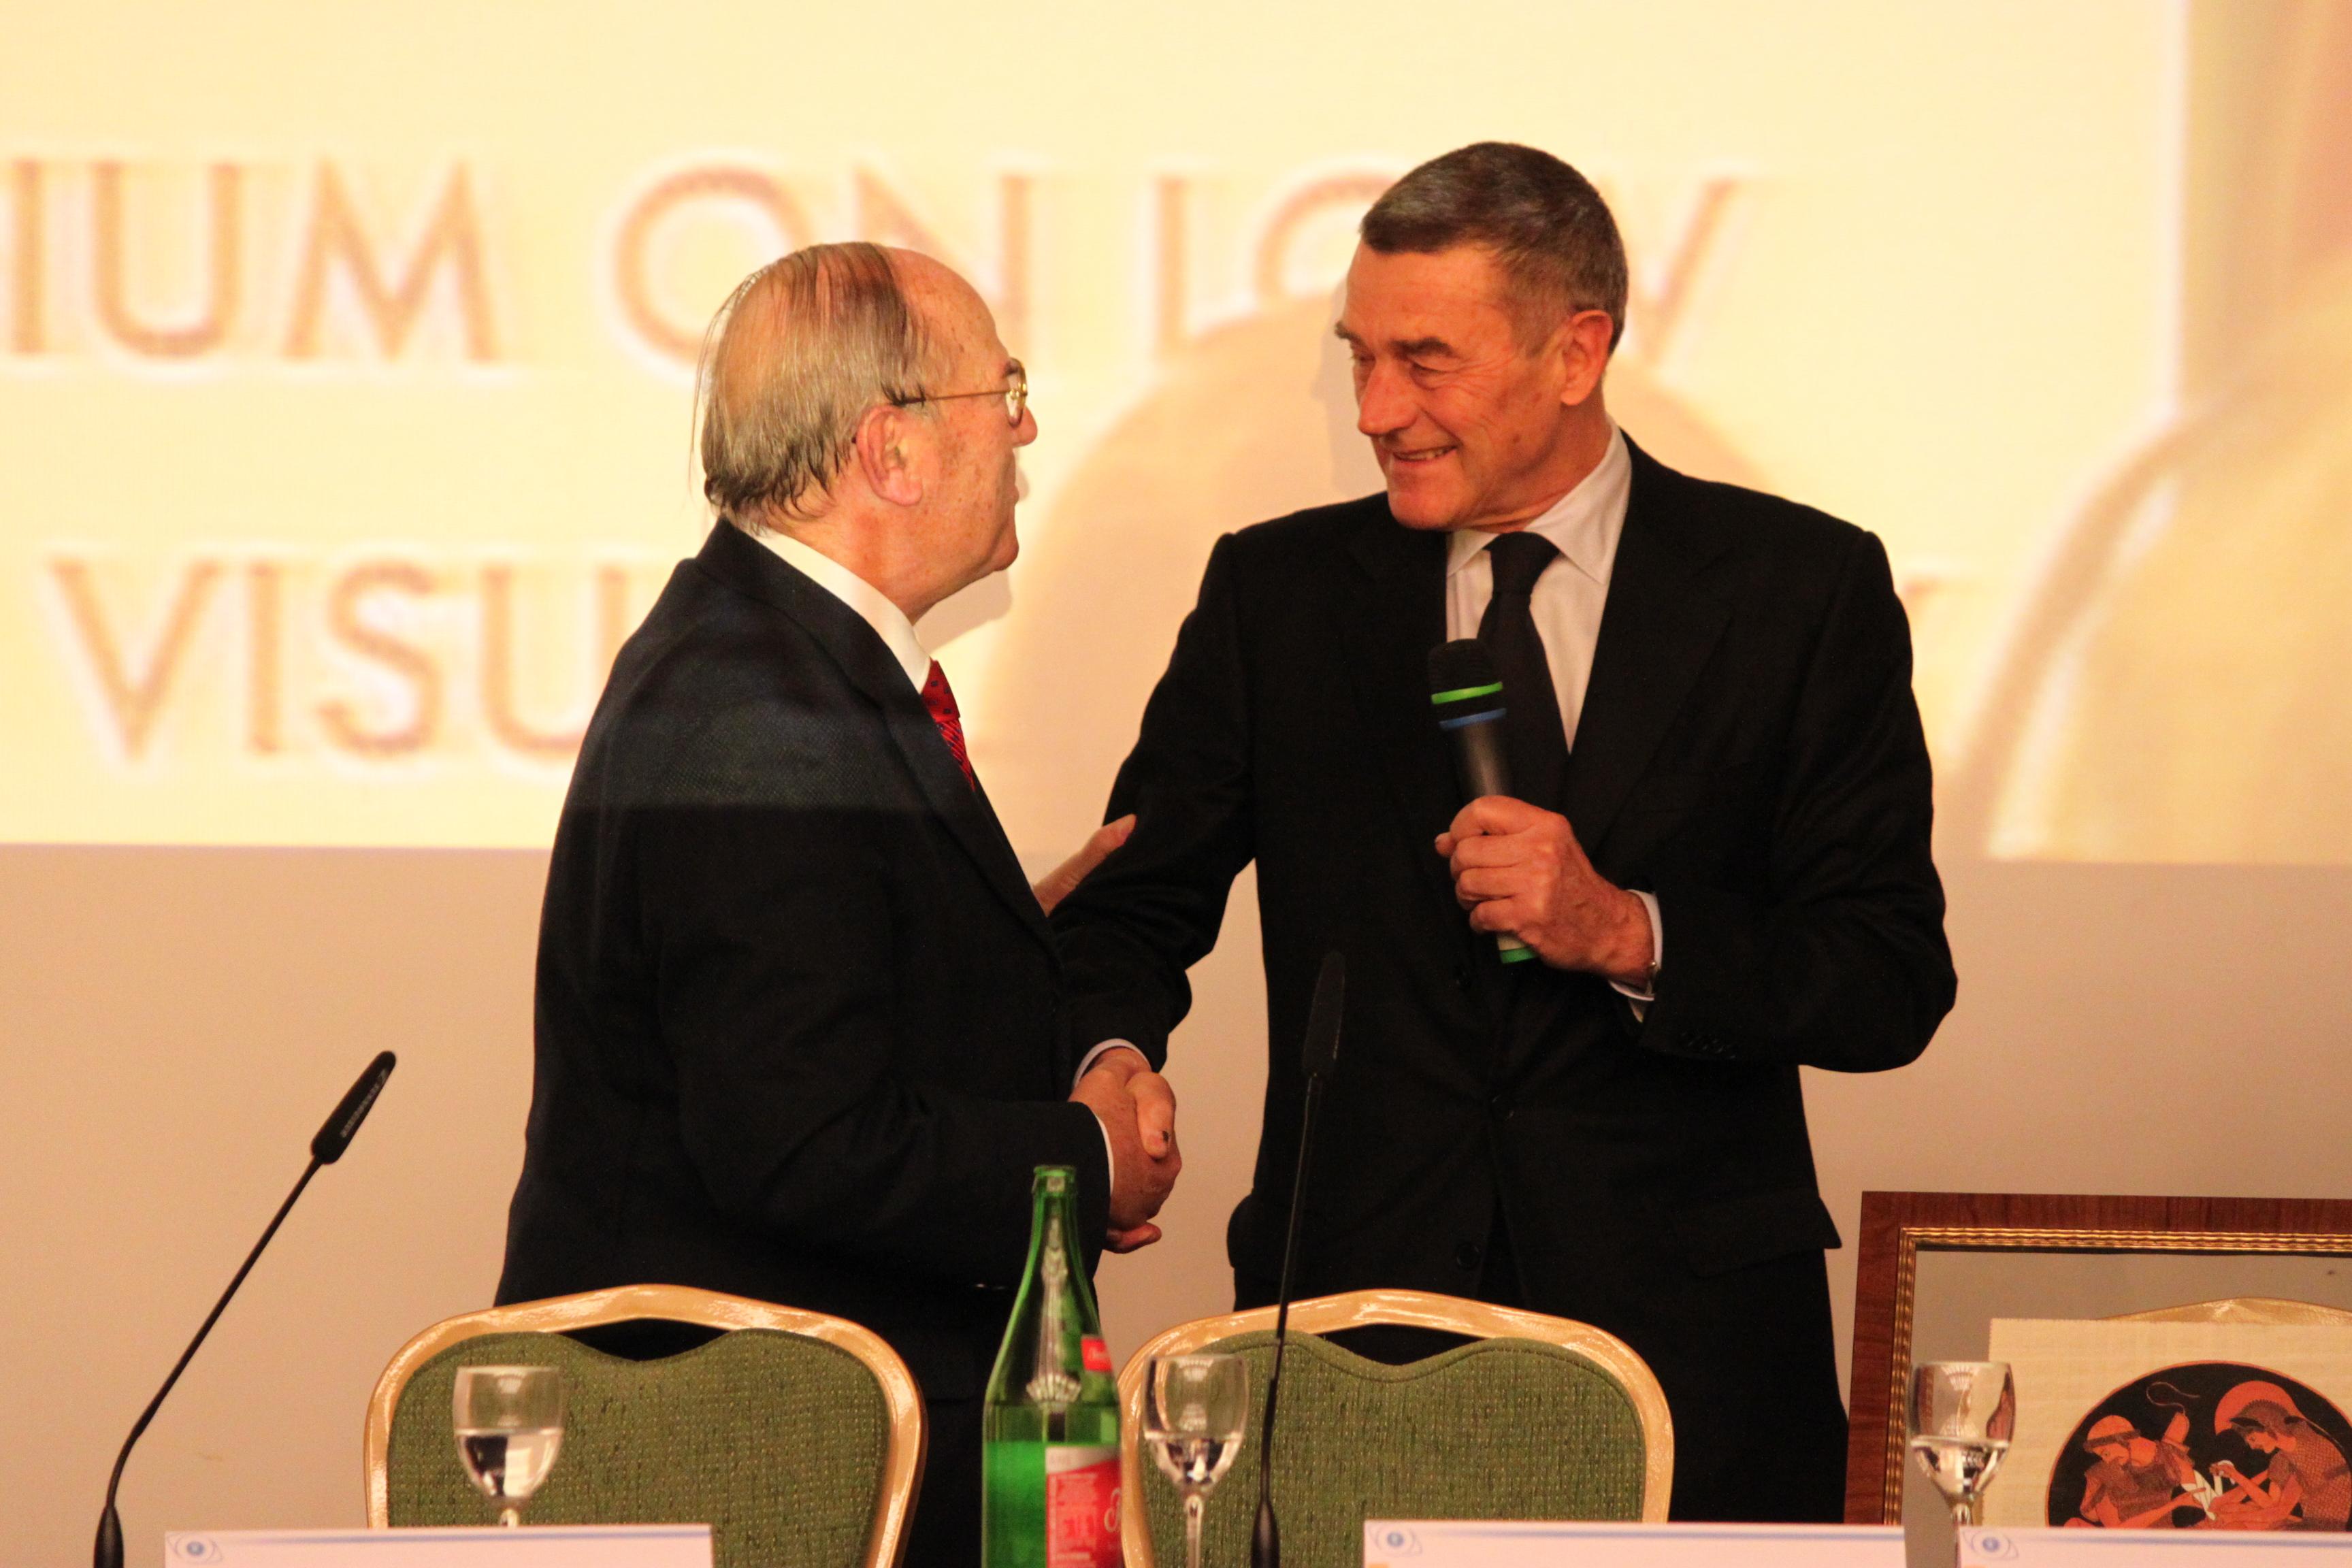 Da destra: il Ministro della Salute Ferruccio Fazio e l'avv. Giuseppe Castronovo, Presidente della IAPB Italia onlus